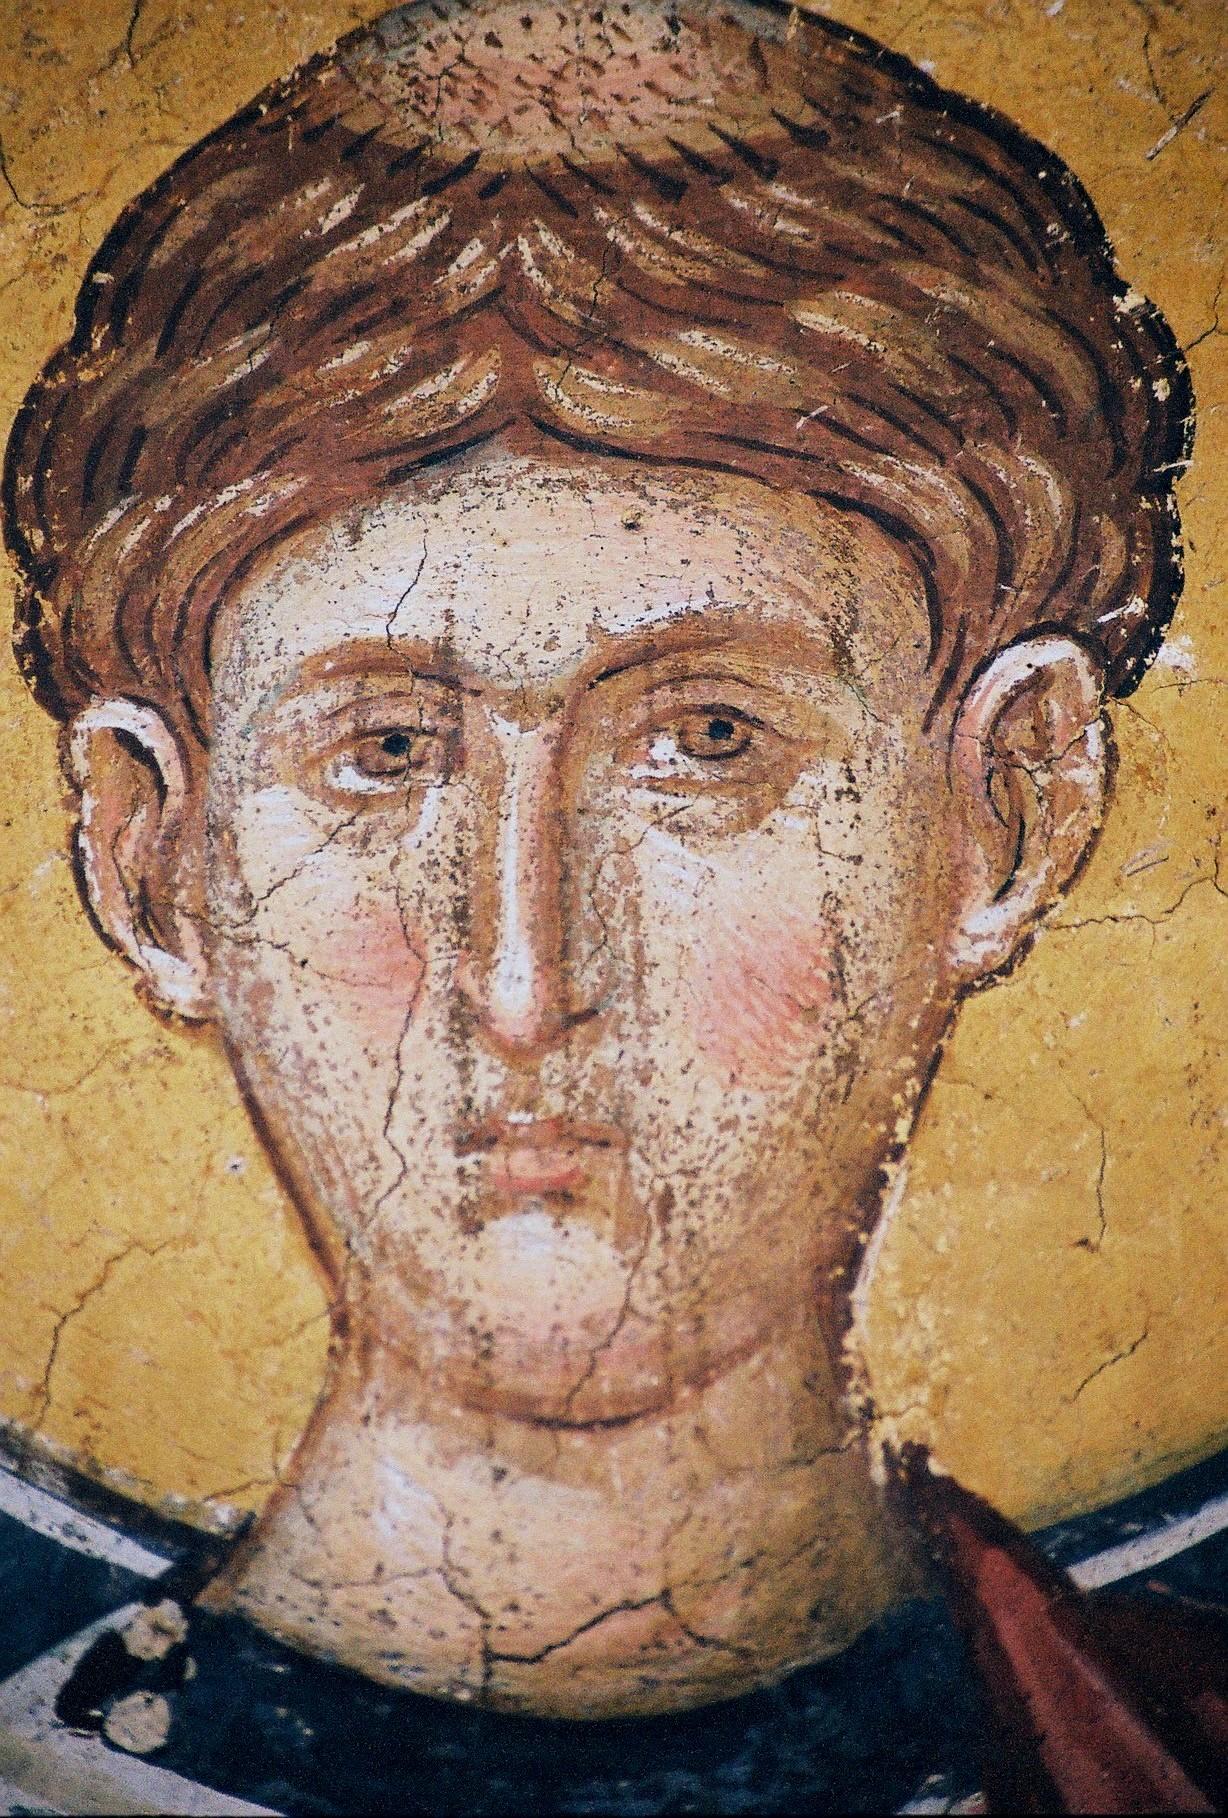 Святой Первомученик Архидиакон Стефан. Фреска монастыря Высокие Дечаны, Косово, Сербия. Около 1350 года. Фрагмент.